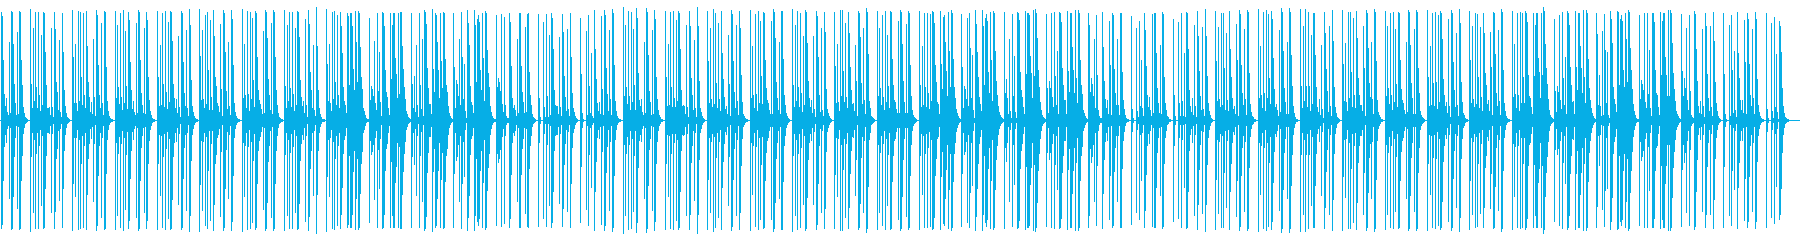 YouTube ピチカート・木琴・日常の再生済みの波形